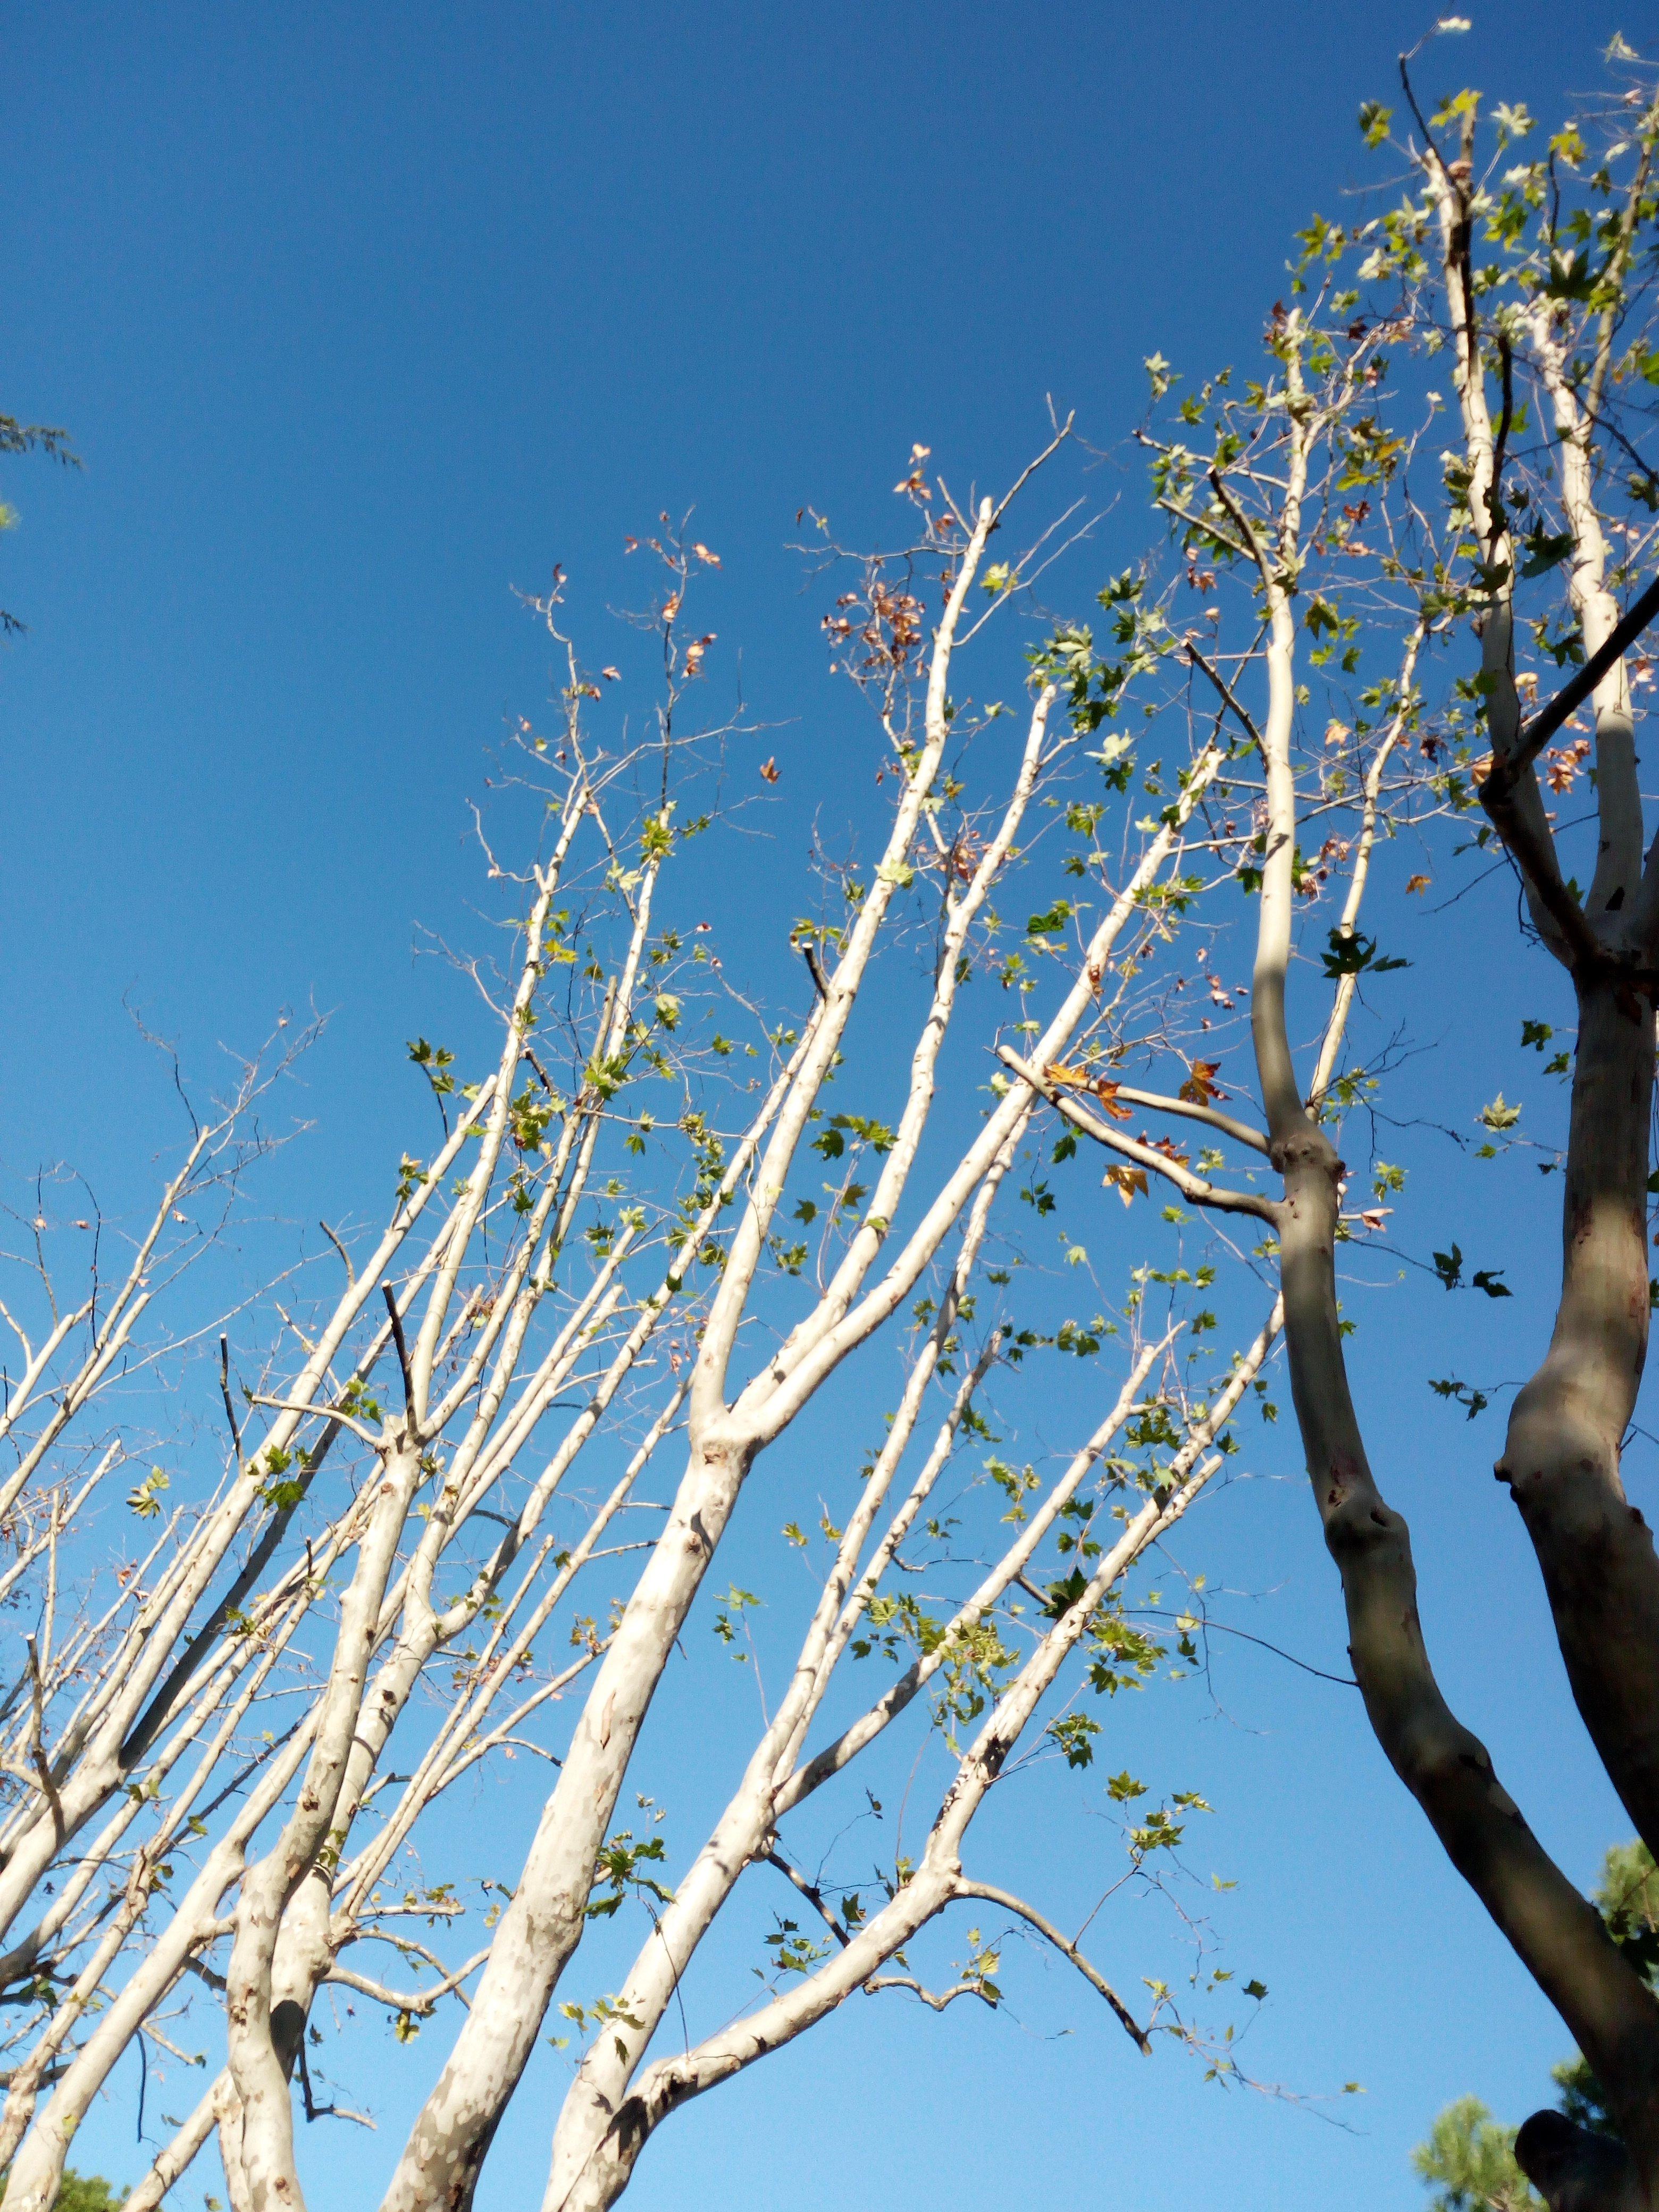 nel cielo limpido si stagliano rami potati con foglie invernali